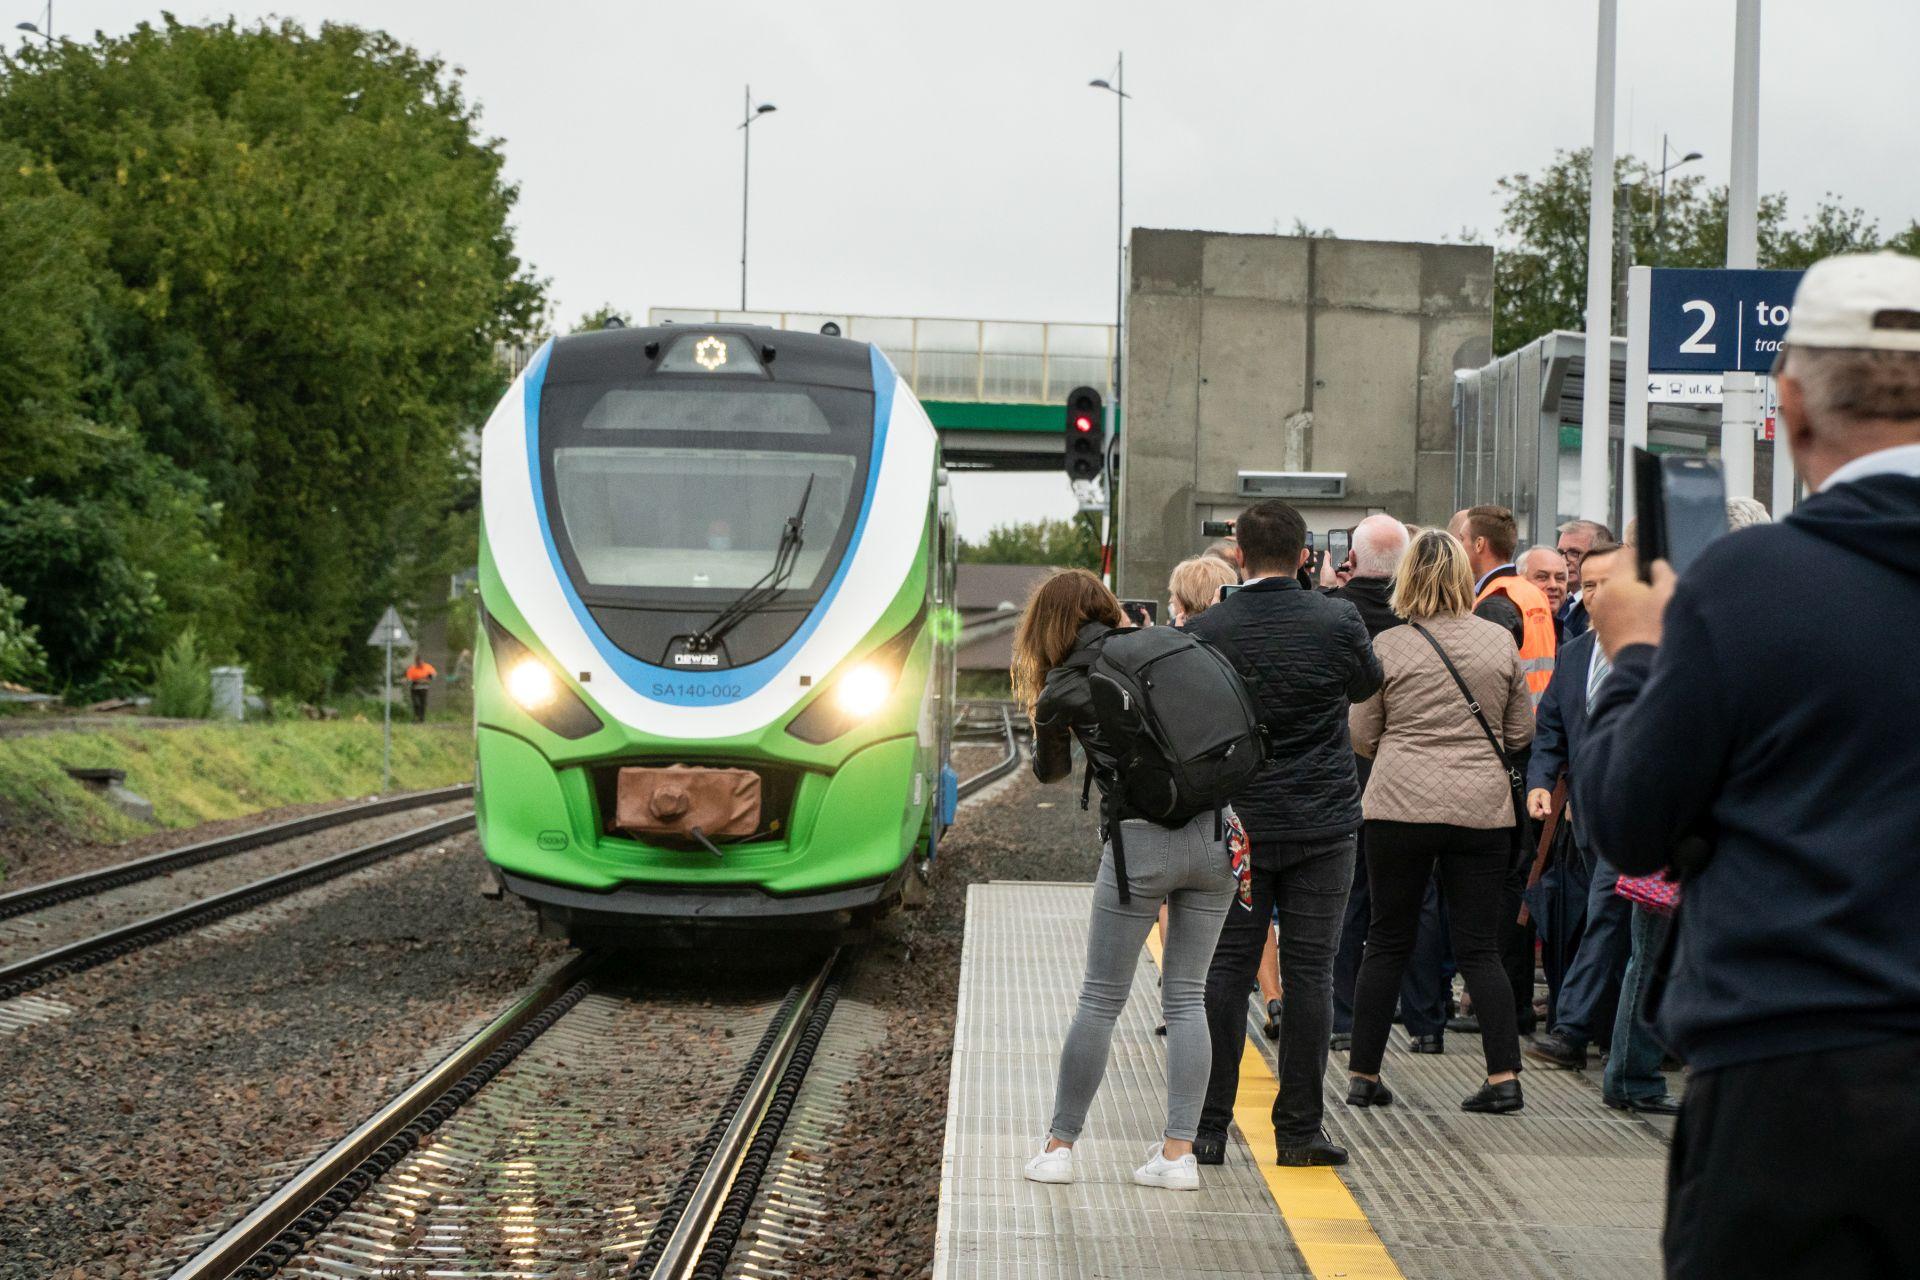 wjazd pociągu na stację w Mielcu. obok na eronie czekają ludzie